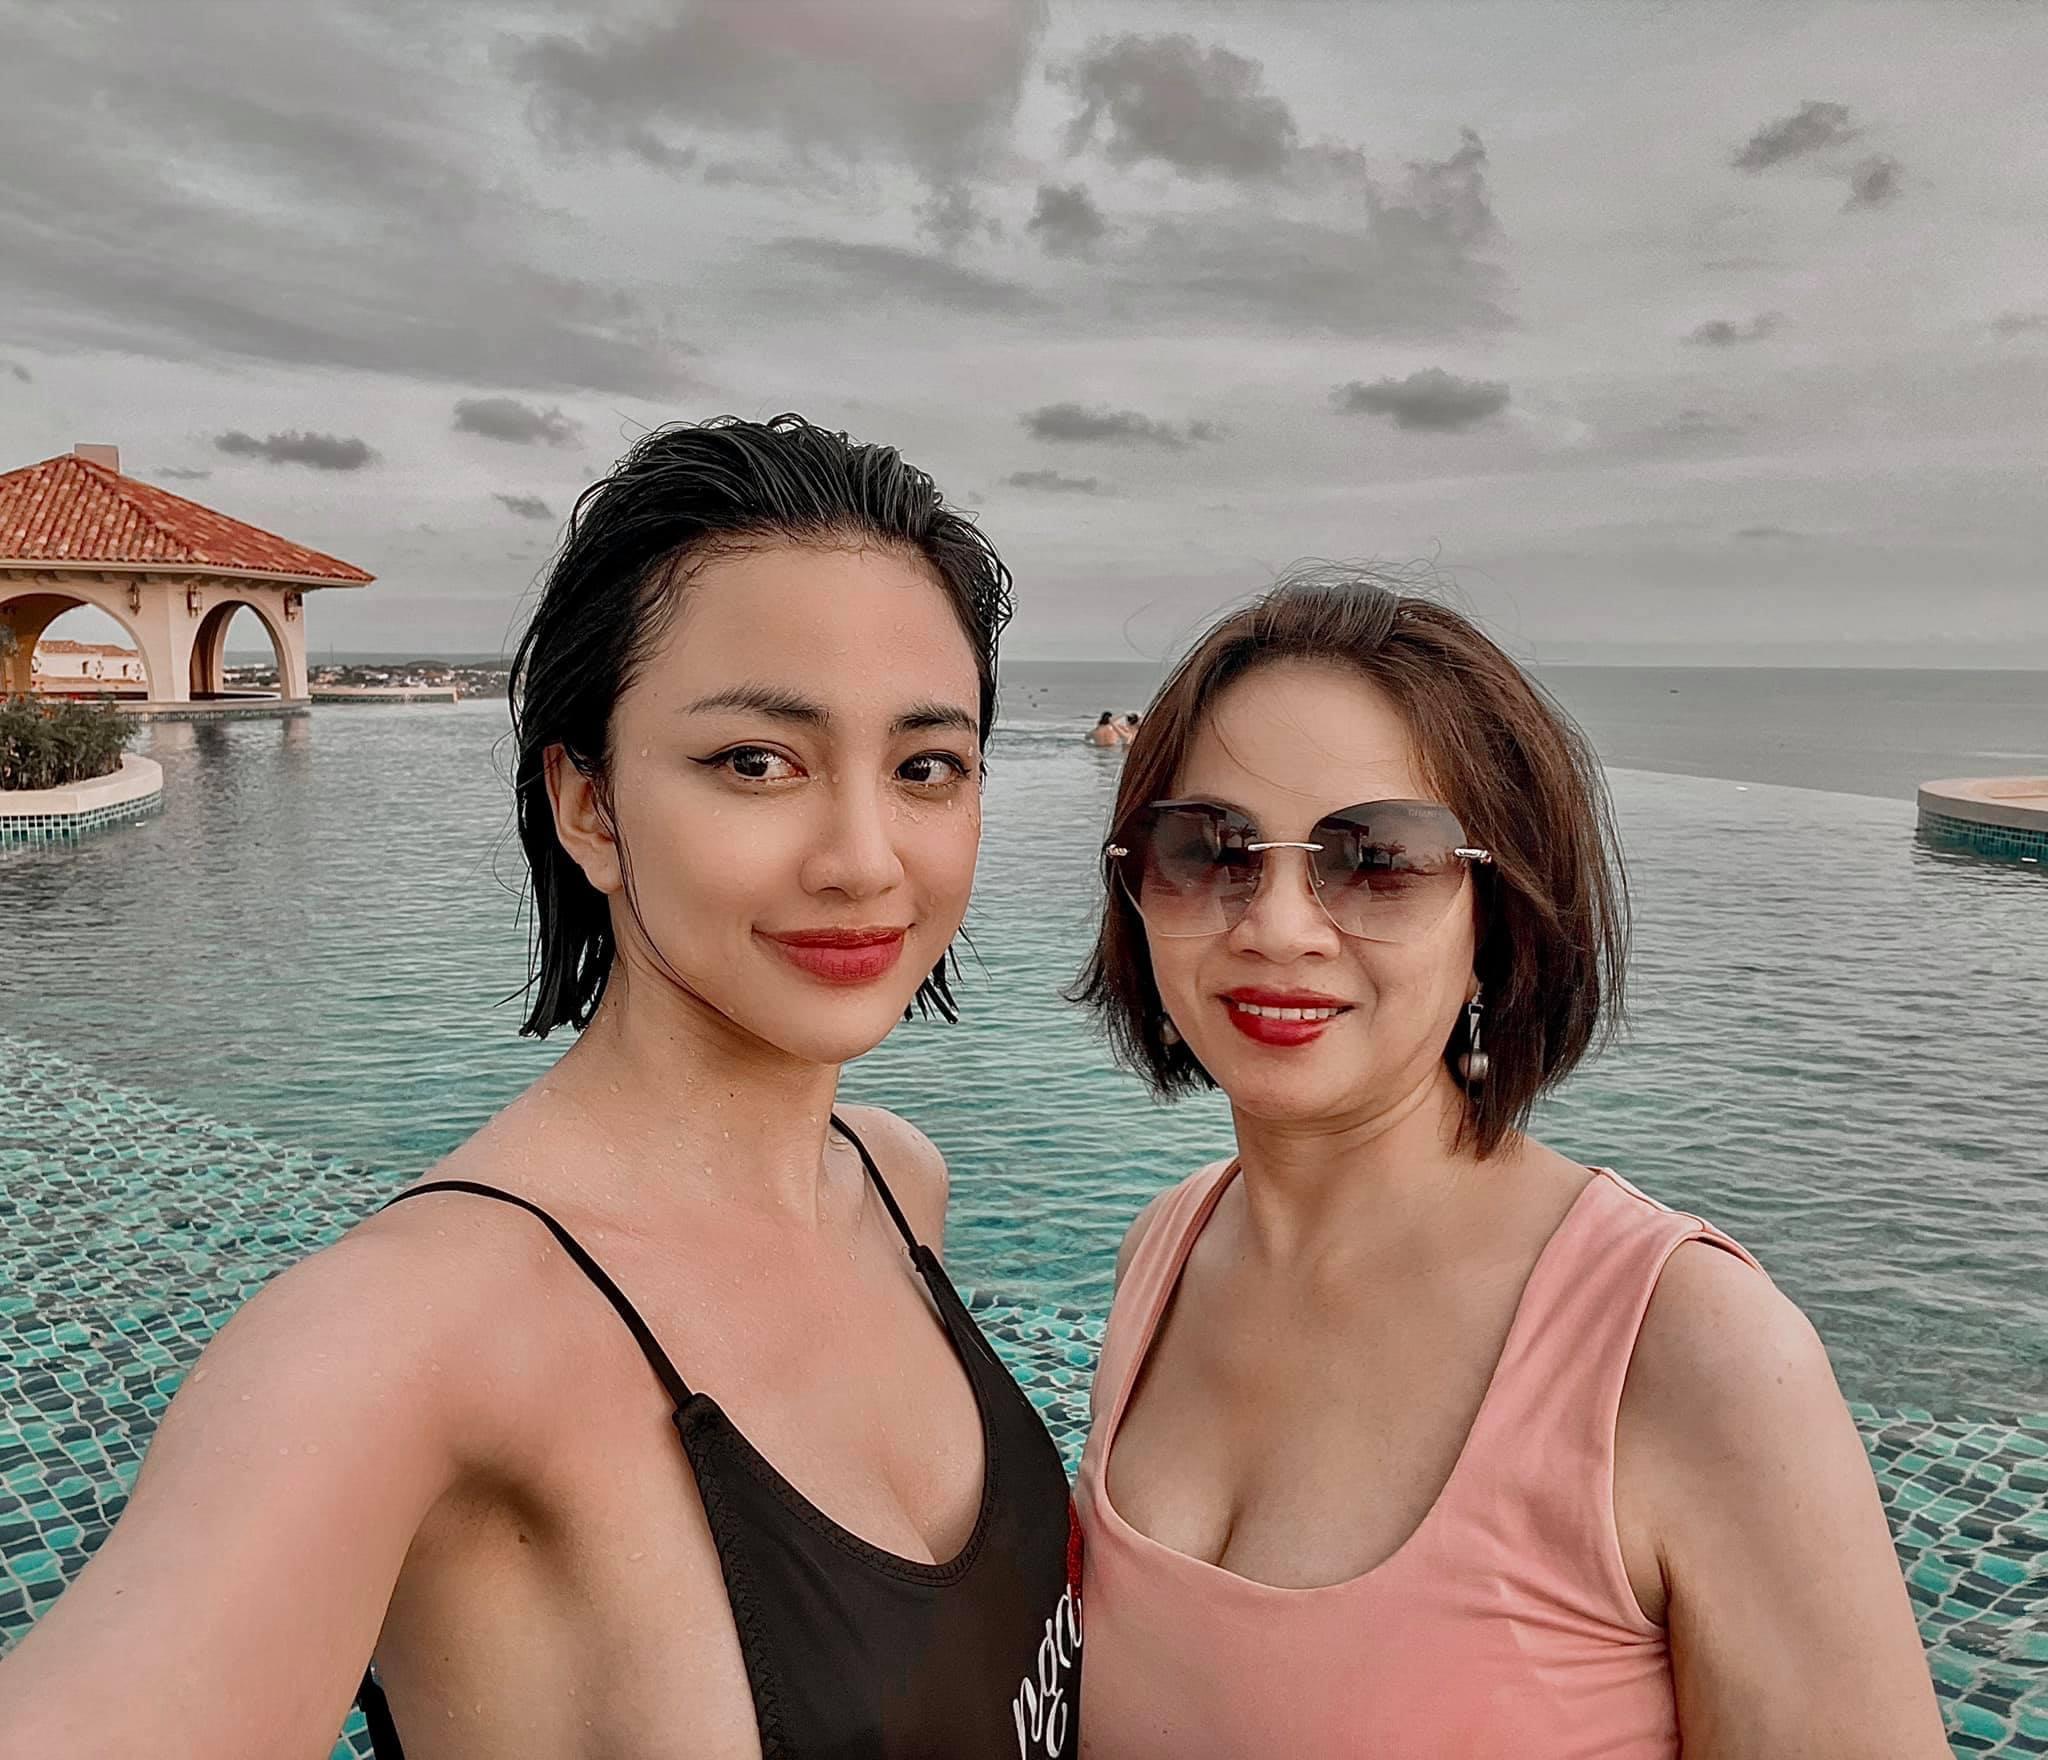 Thiên Nga cũng có khoảnh khắc đáng nhớ bên mẹ trong một chuyến du lịch gần đây.